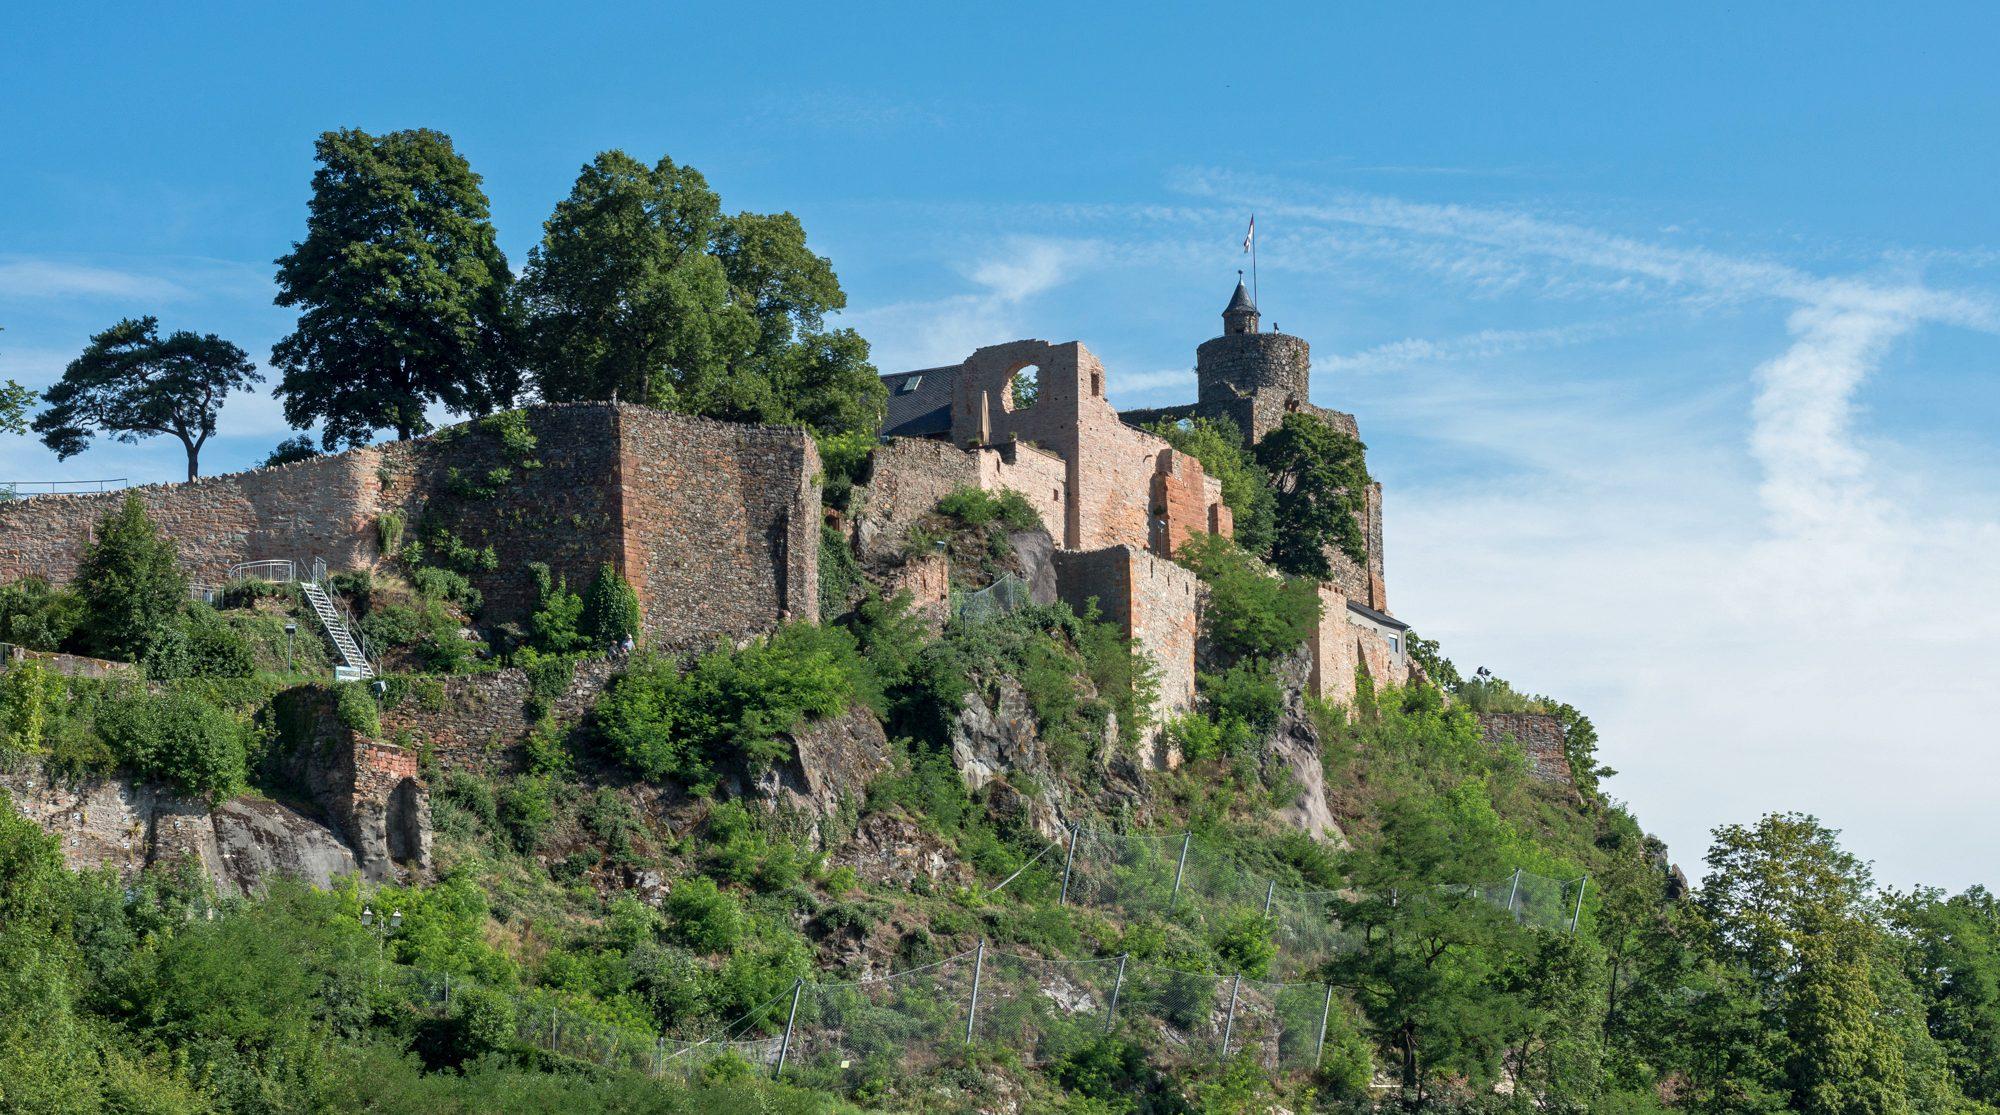 Blick auf die Saarburg, mittelalterliche Burg über der Saar